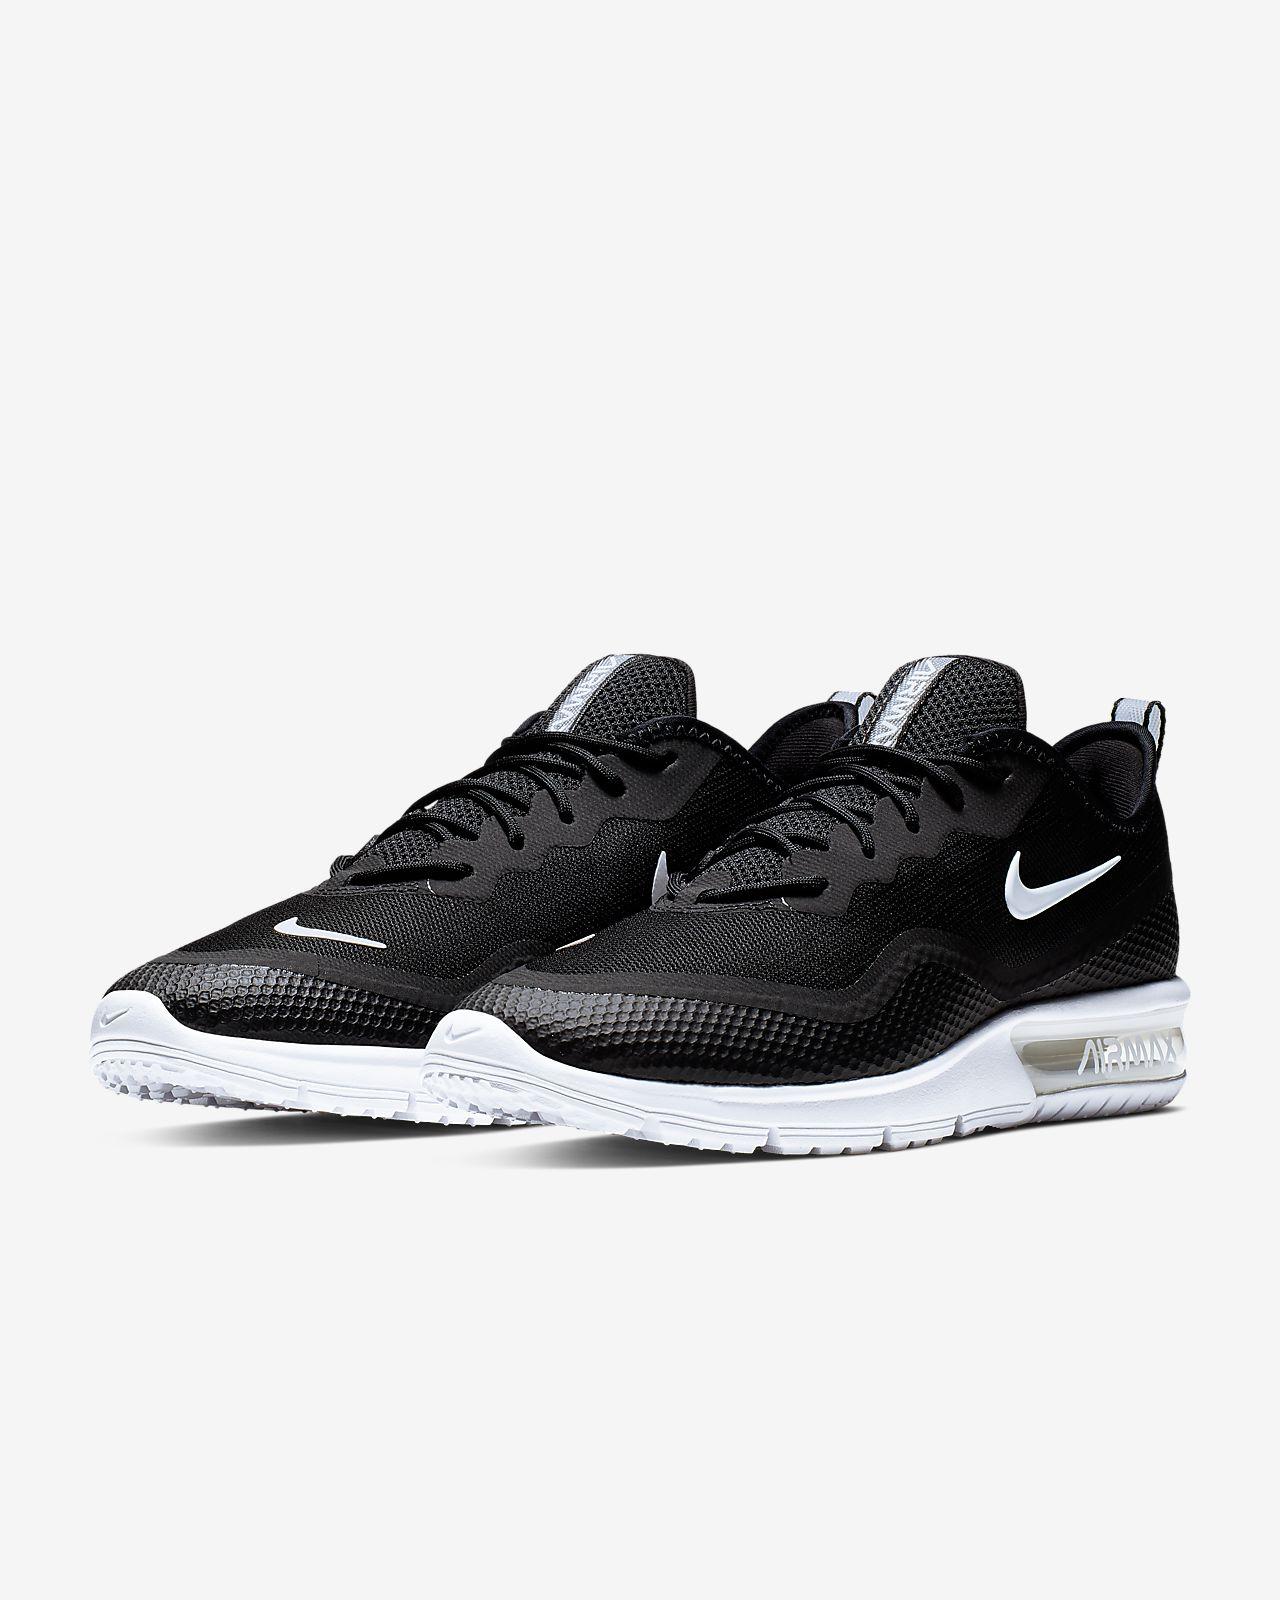 online retailer 854ce e2065 ... Löparsko Nike Air Max Sequent 4.5 för män